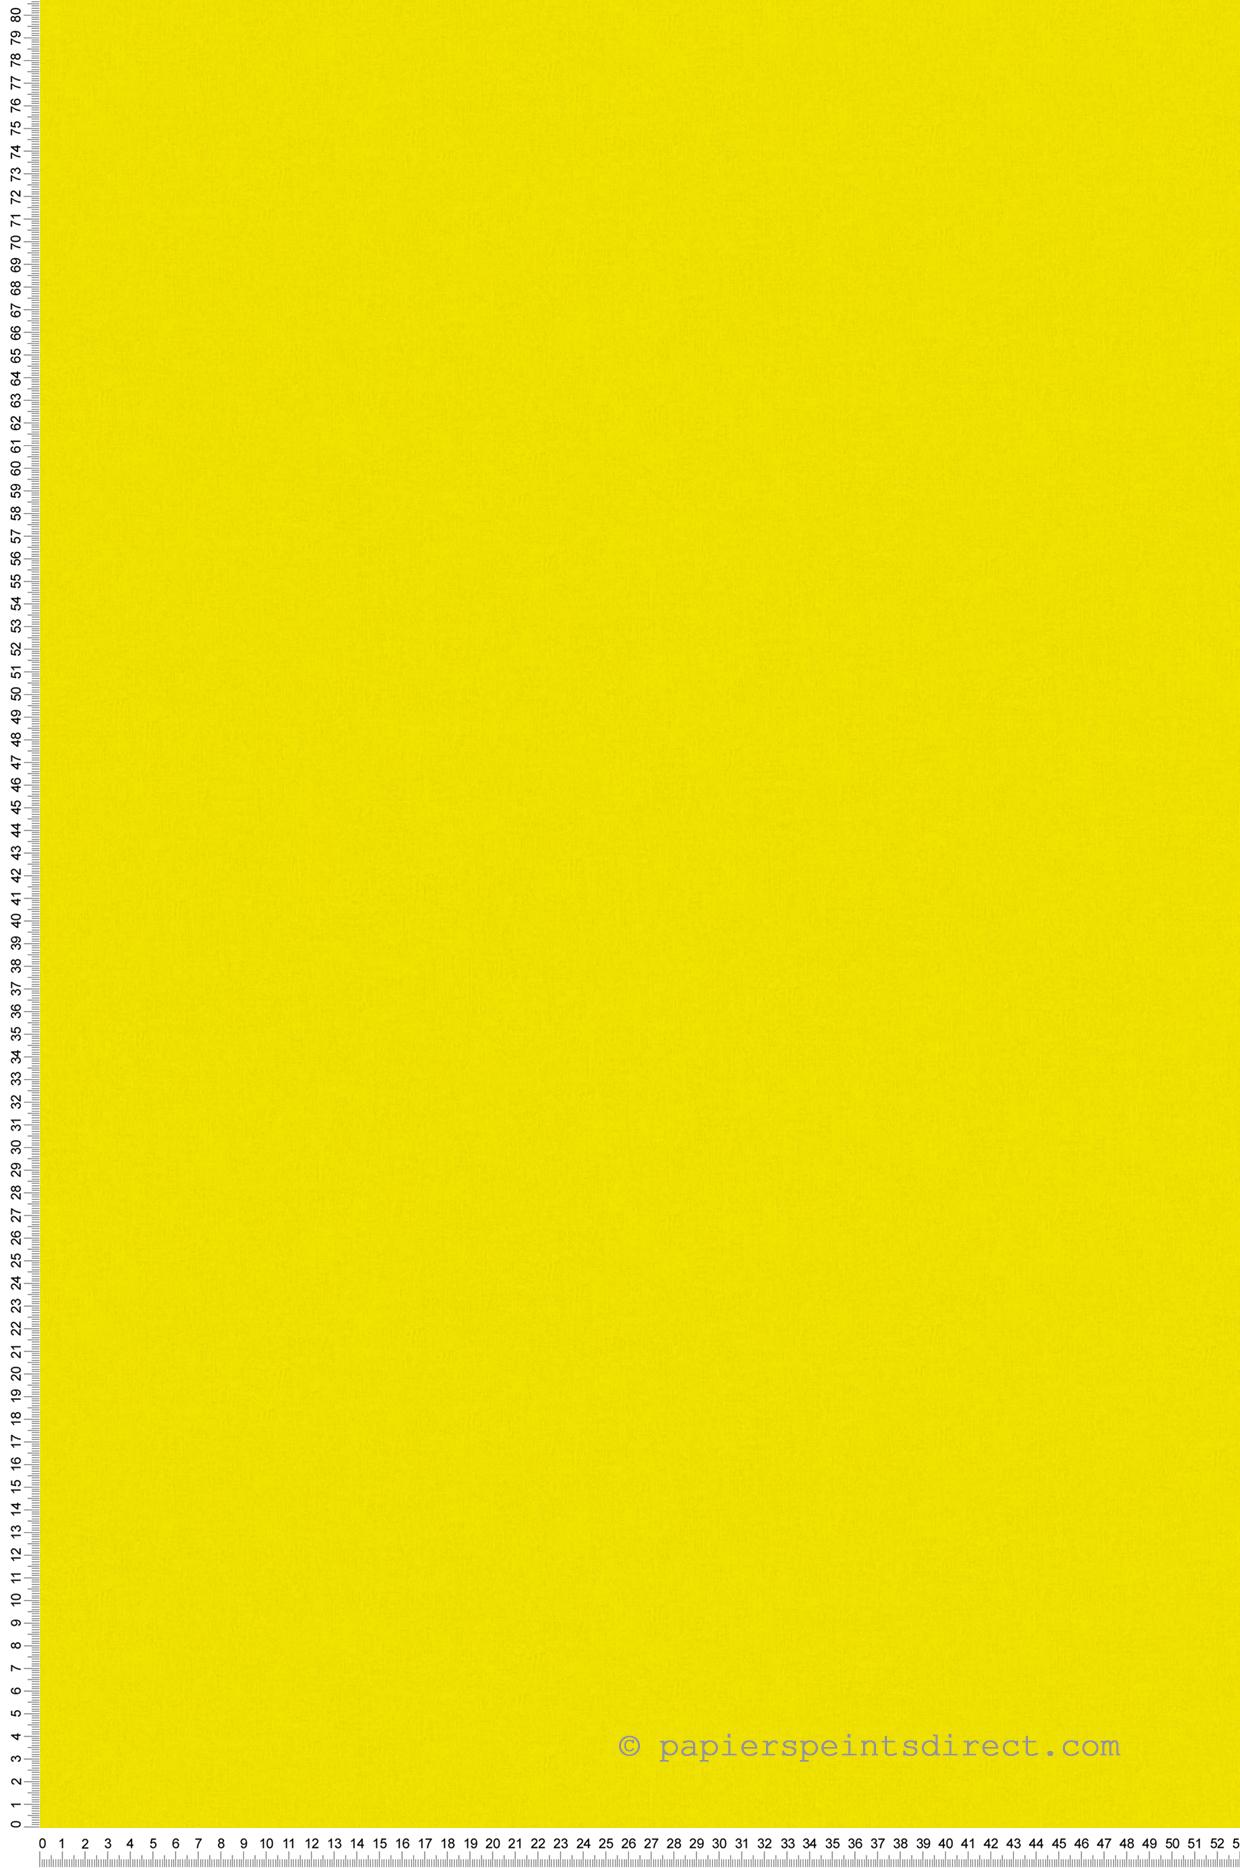 Papier peint uni jaune poussin - Little Stars AS Création | Réf. SP04352